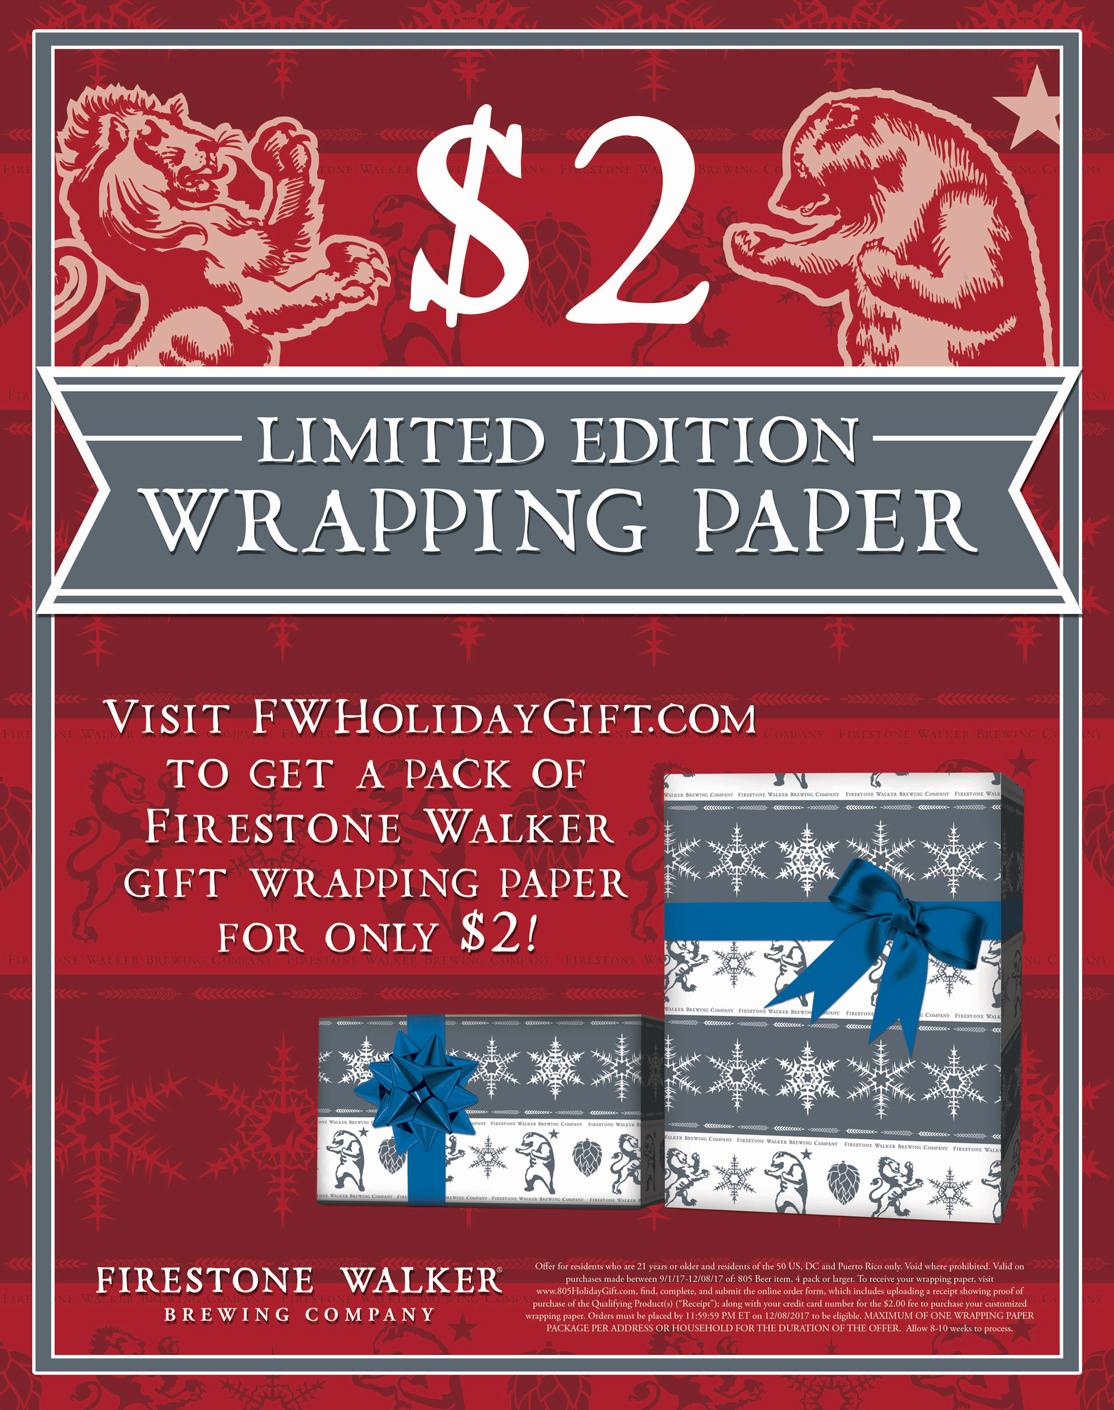 wrappingpaper_casetucker.jpg